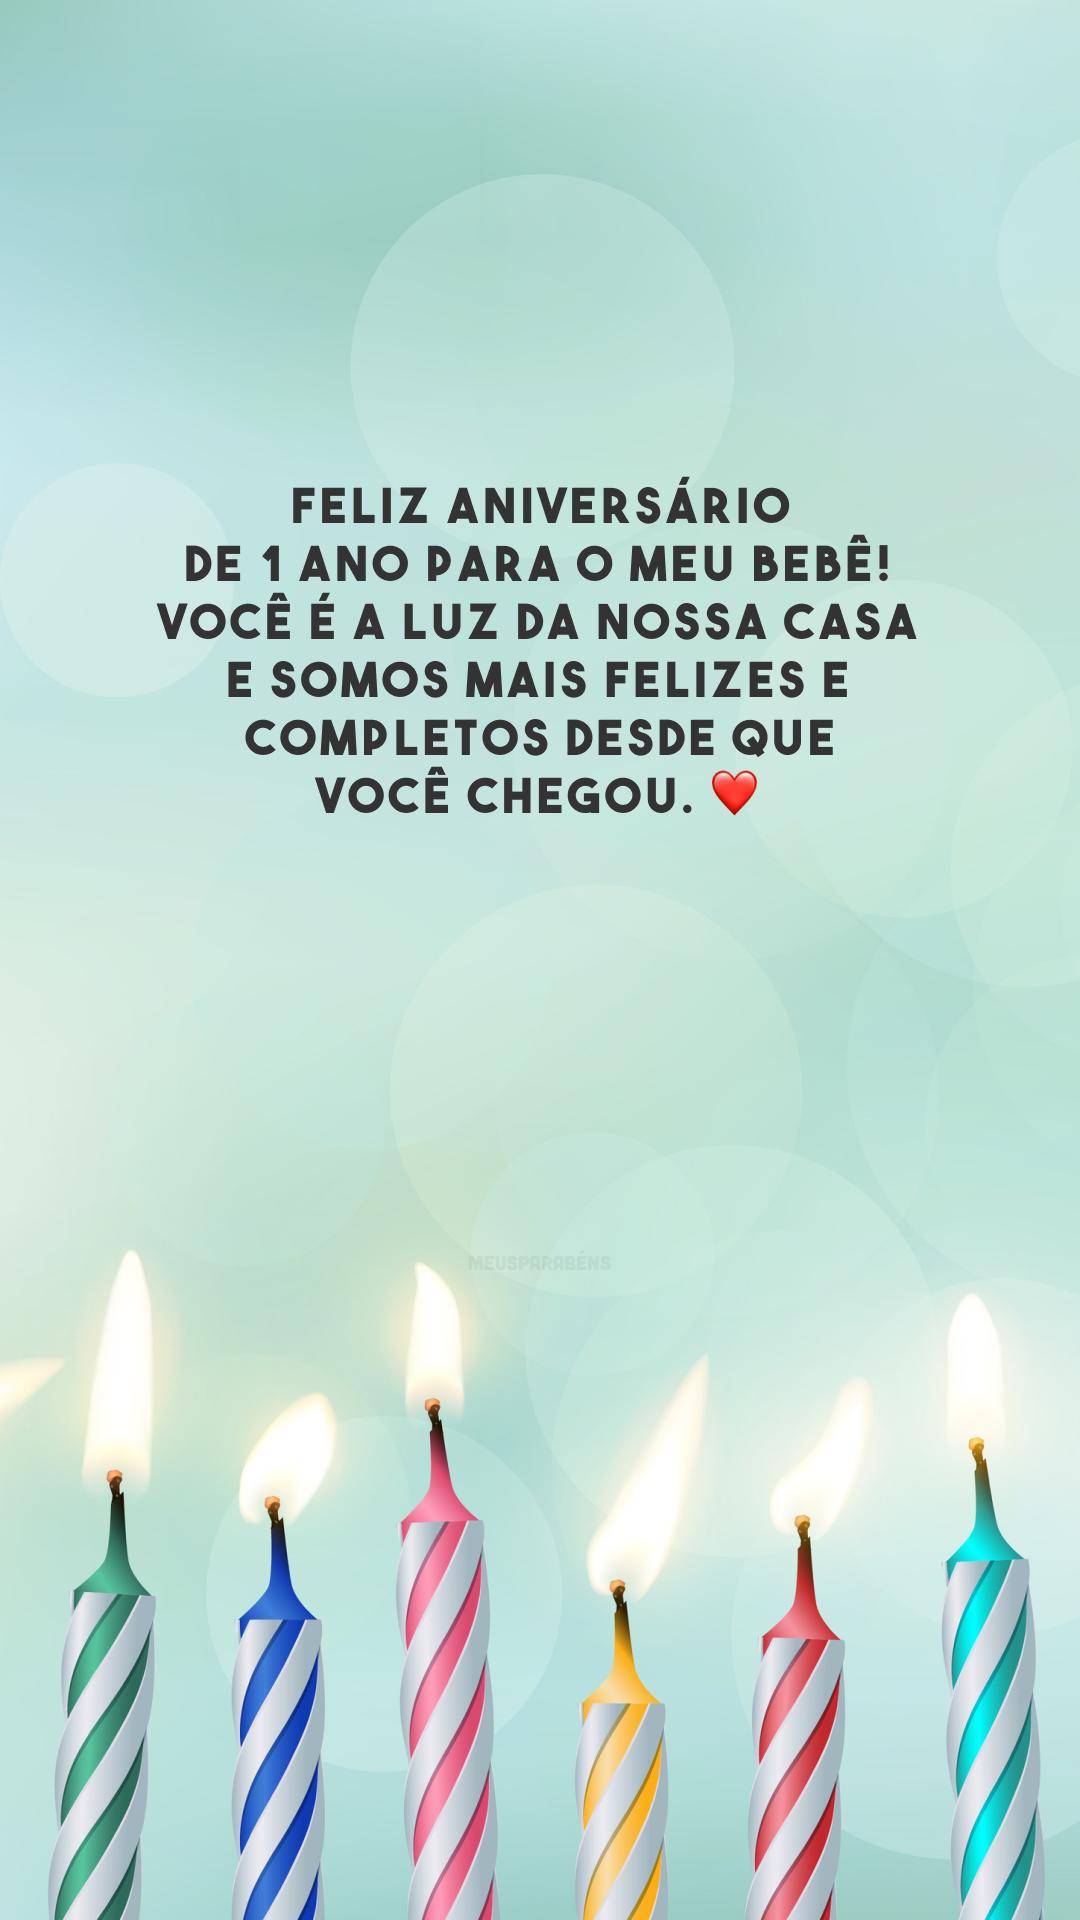 Feliz aniversário de 1 ano para o meu bebê! Você é a luz da nossa casa e somos mais felizes e completos desde que você chegou. ❤️